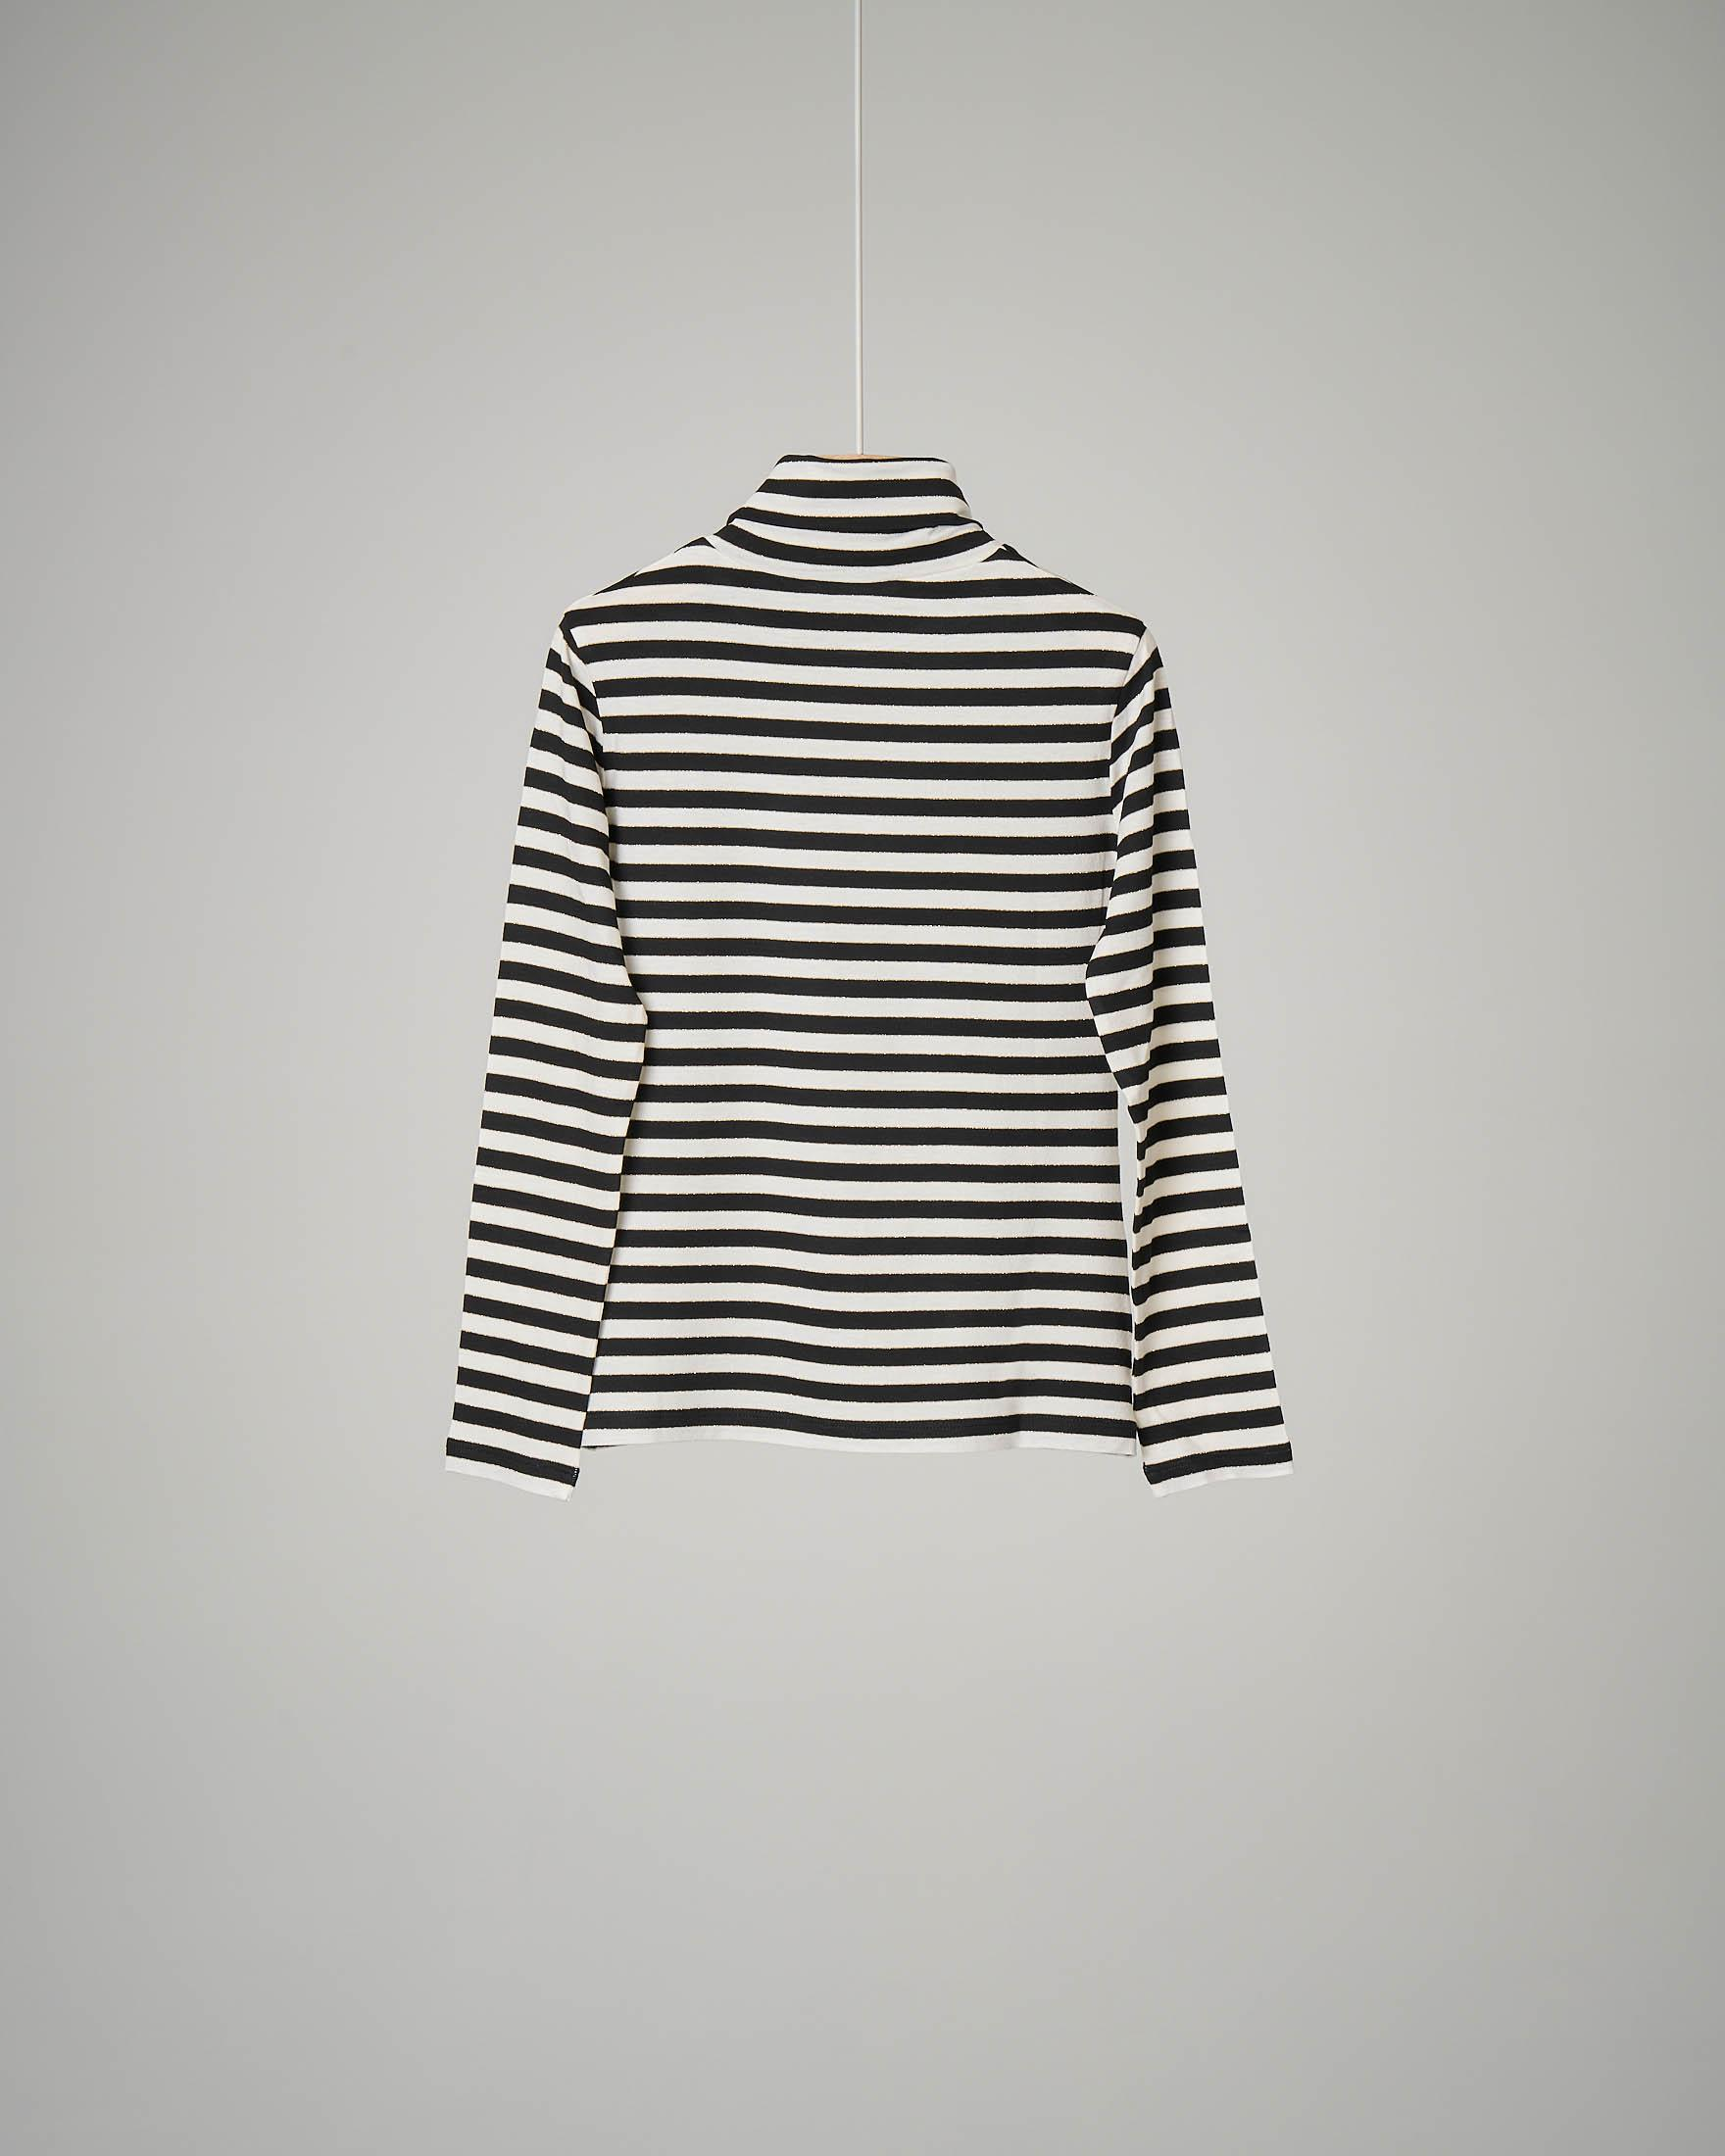 Ritenere marchio Artistico  T-shirt a righe bianche e nere con collo alto 32-36 | Pellizzari E-commerce